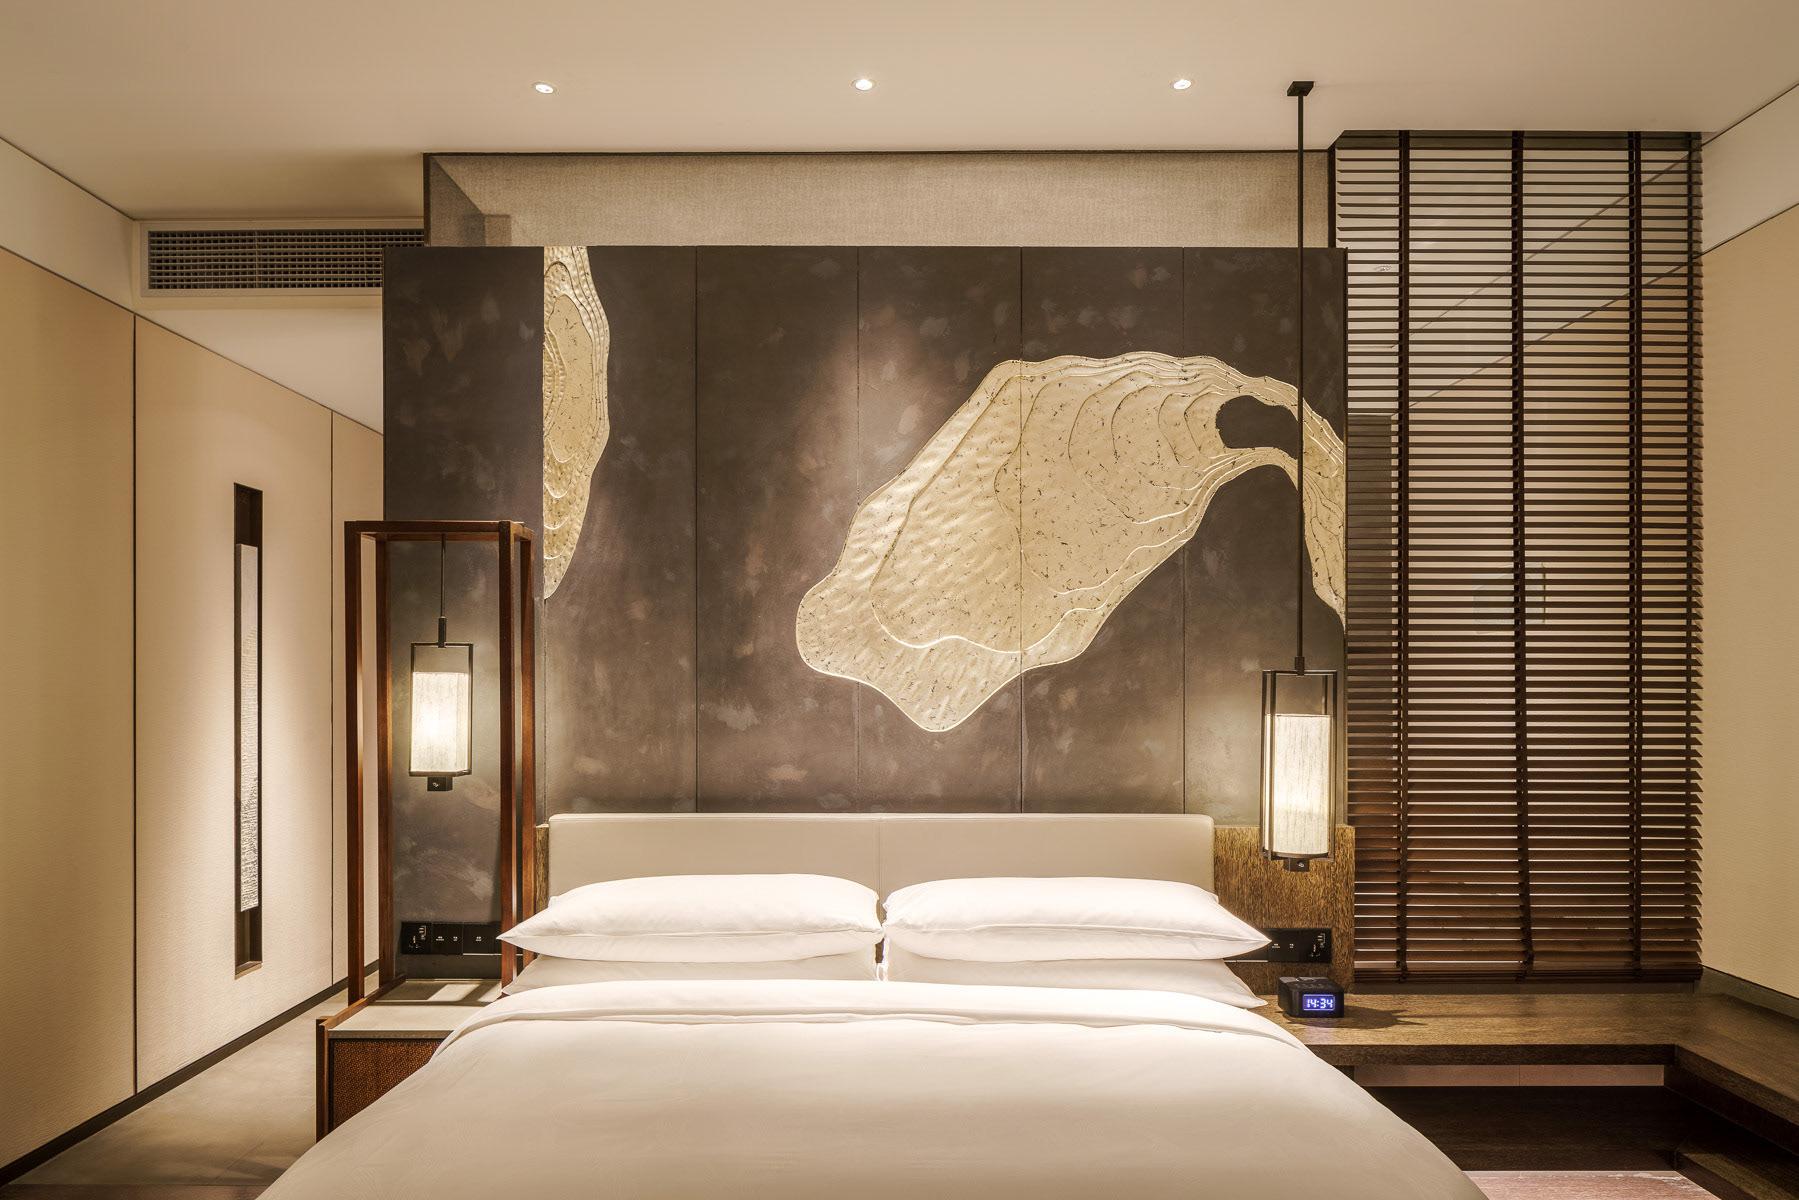 古风文化酒店装修设计效果图